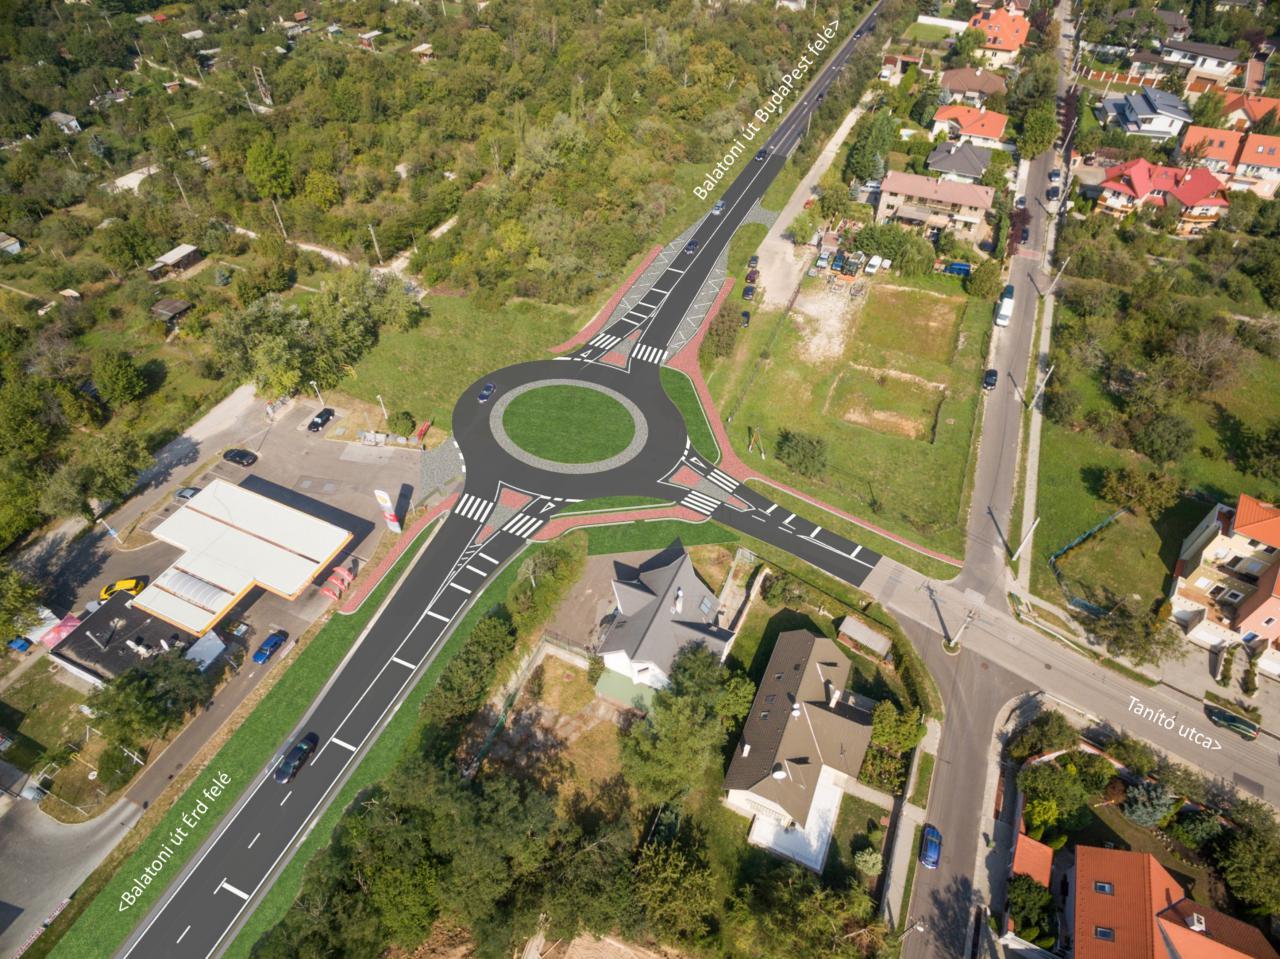 Hamarosan megkezdődhet a Balatoni úti körforgalmak építése